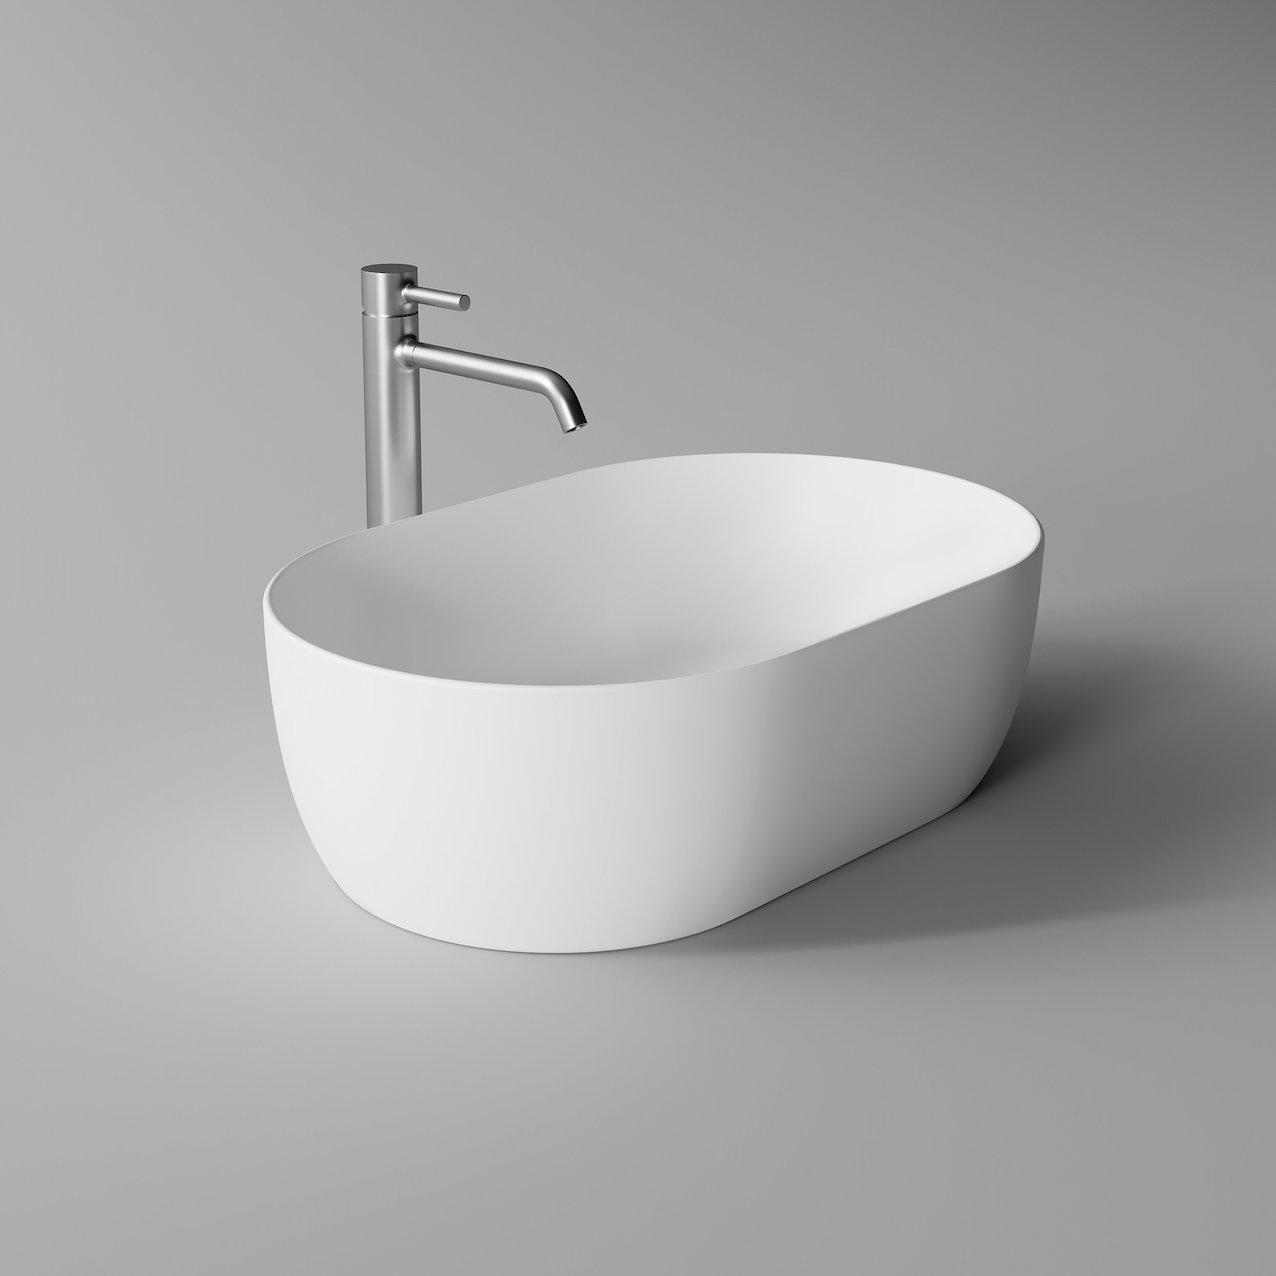 Lavabo UNICA ovale 55